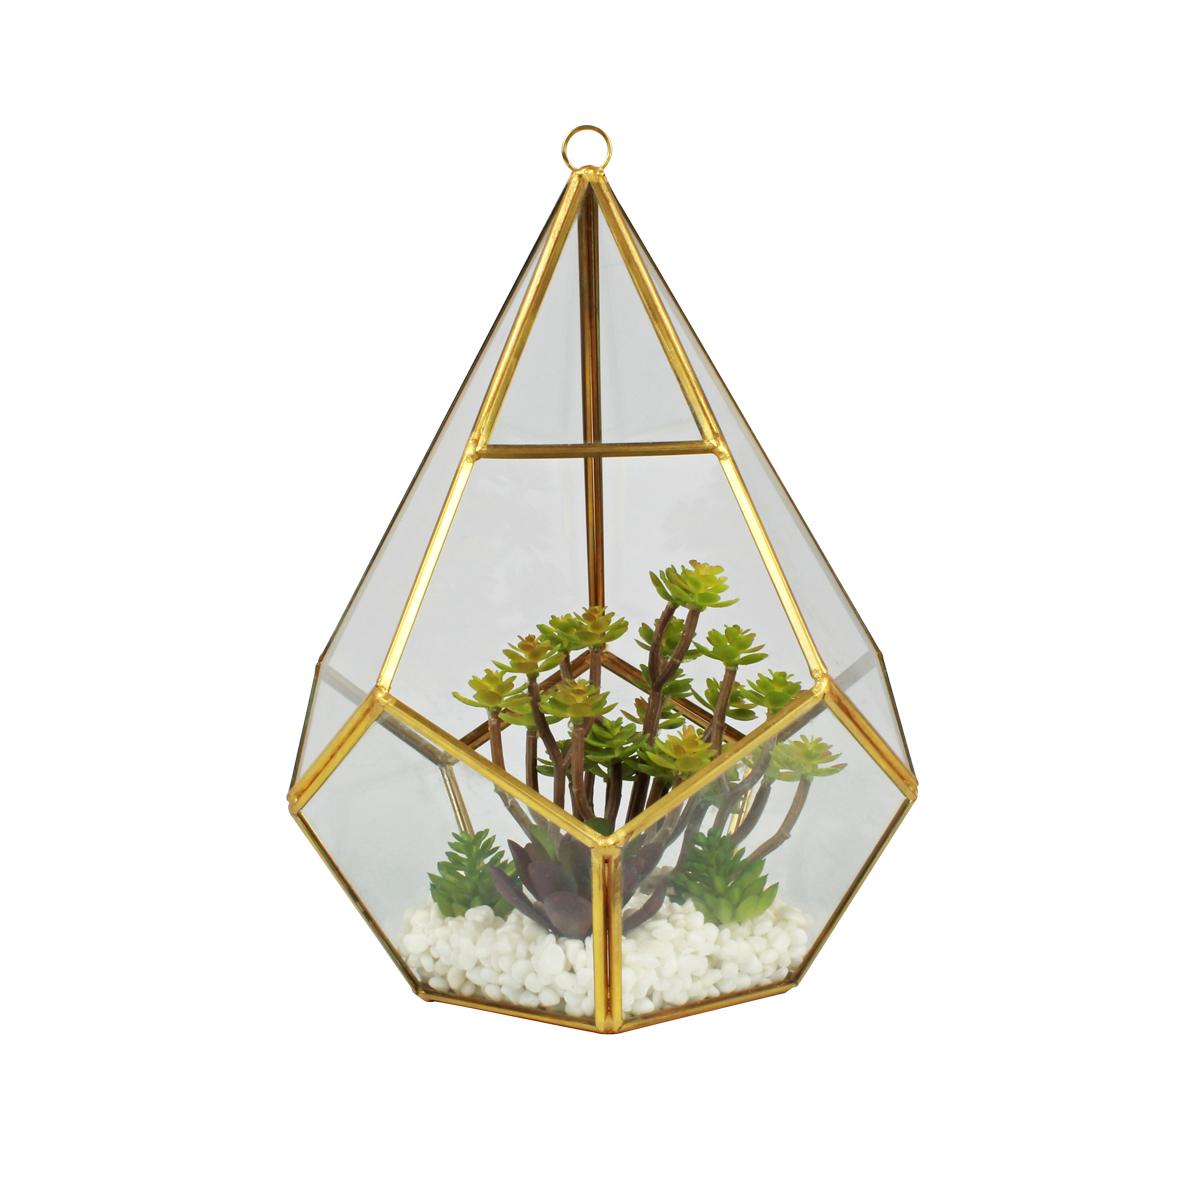 Terrário Decorativo C/ Plantas Artificiais Mod. Pirâmide Dourada